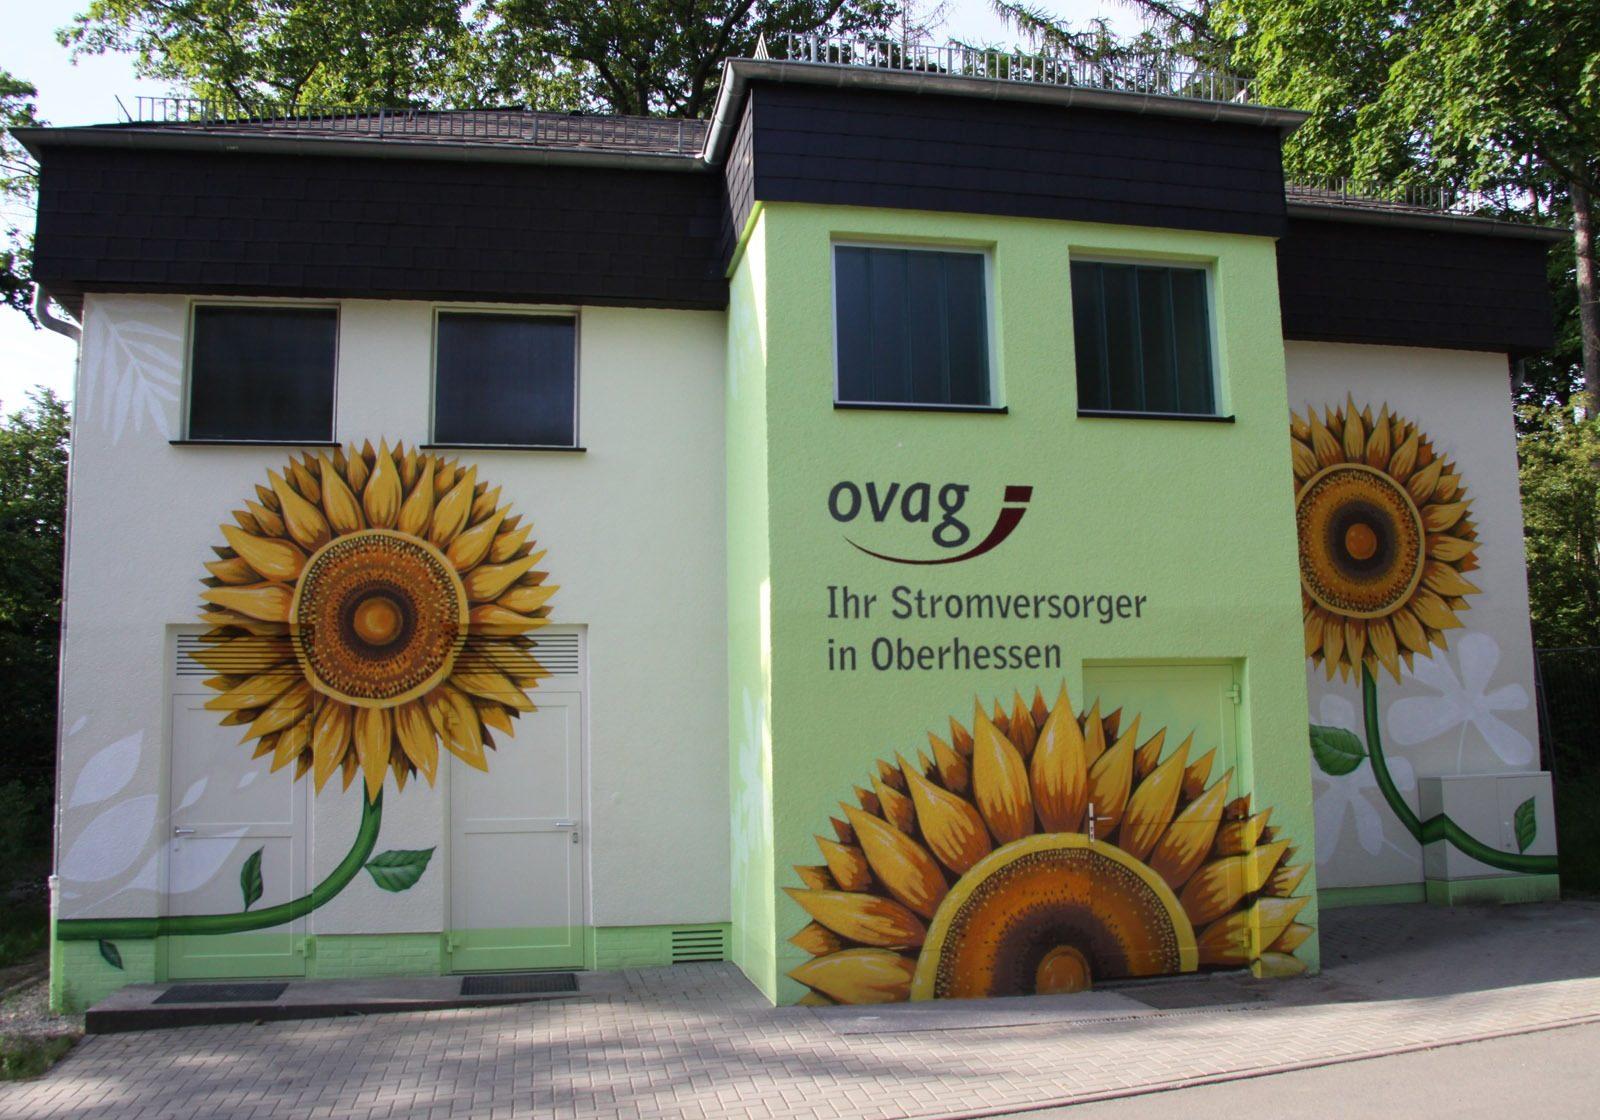 graffitikuenstler-graffitiauftrag-artmos4-ovag-trafostation-pflanzen-fotorealistisch